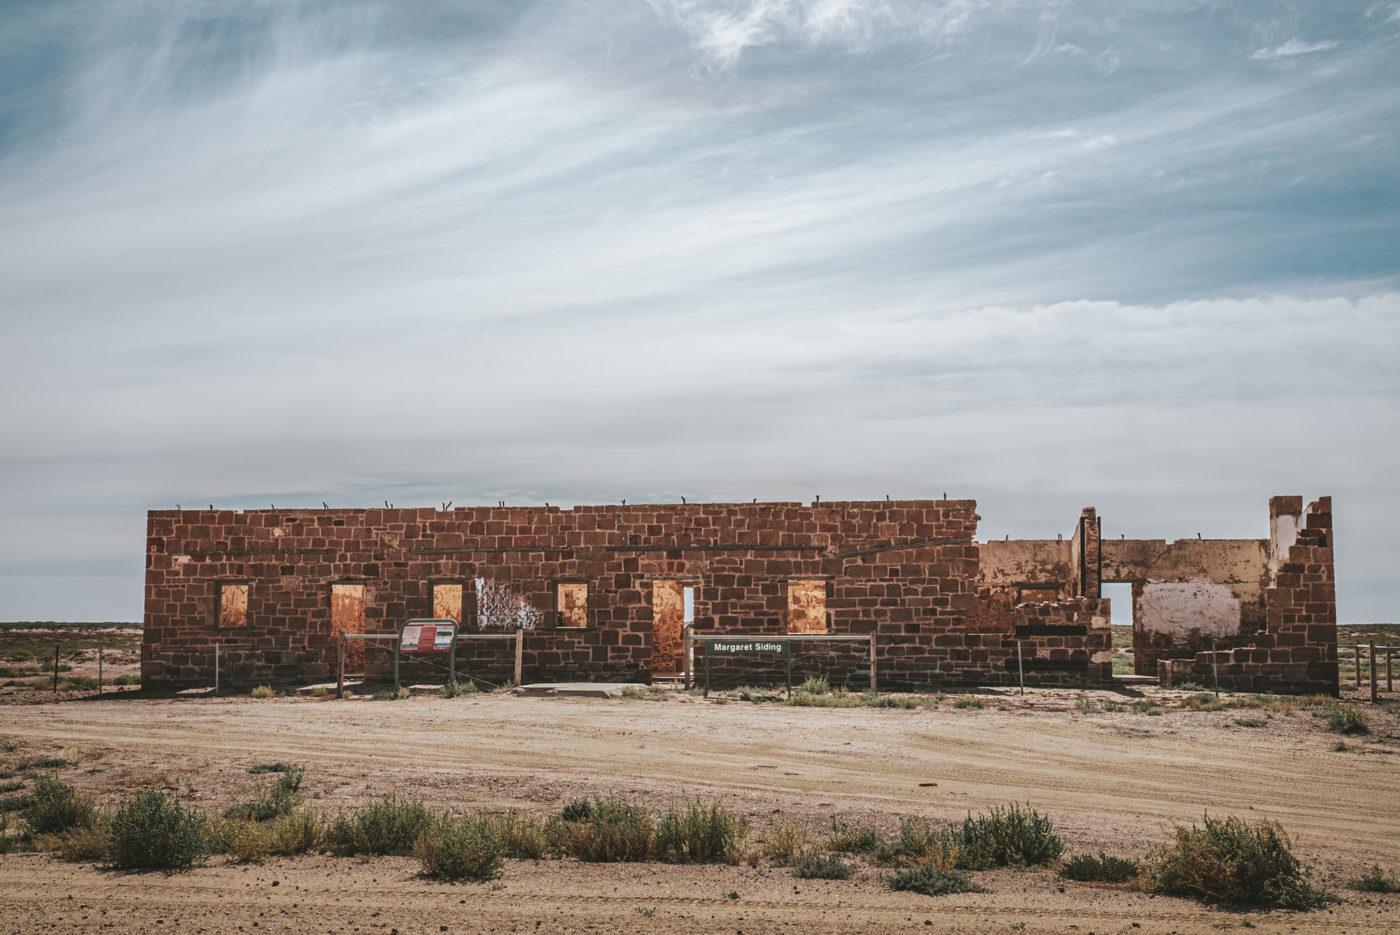 Margaret Siding Ruins, Oodnadatta Track